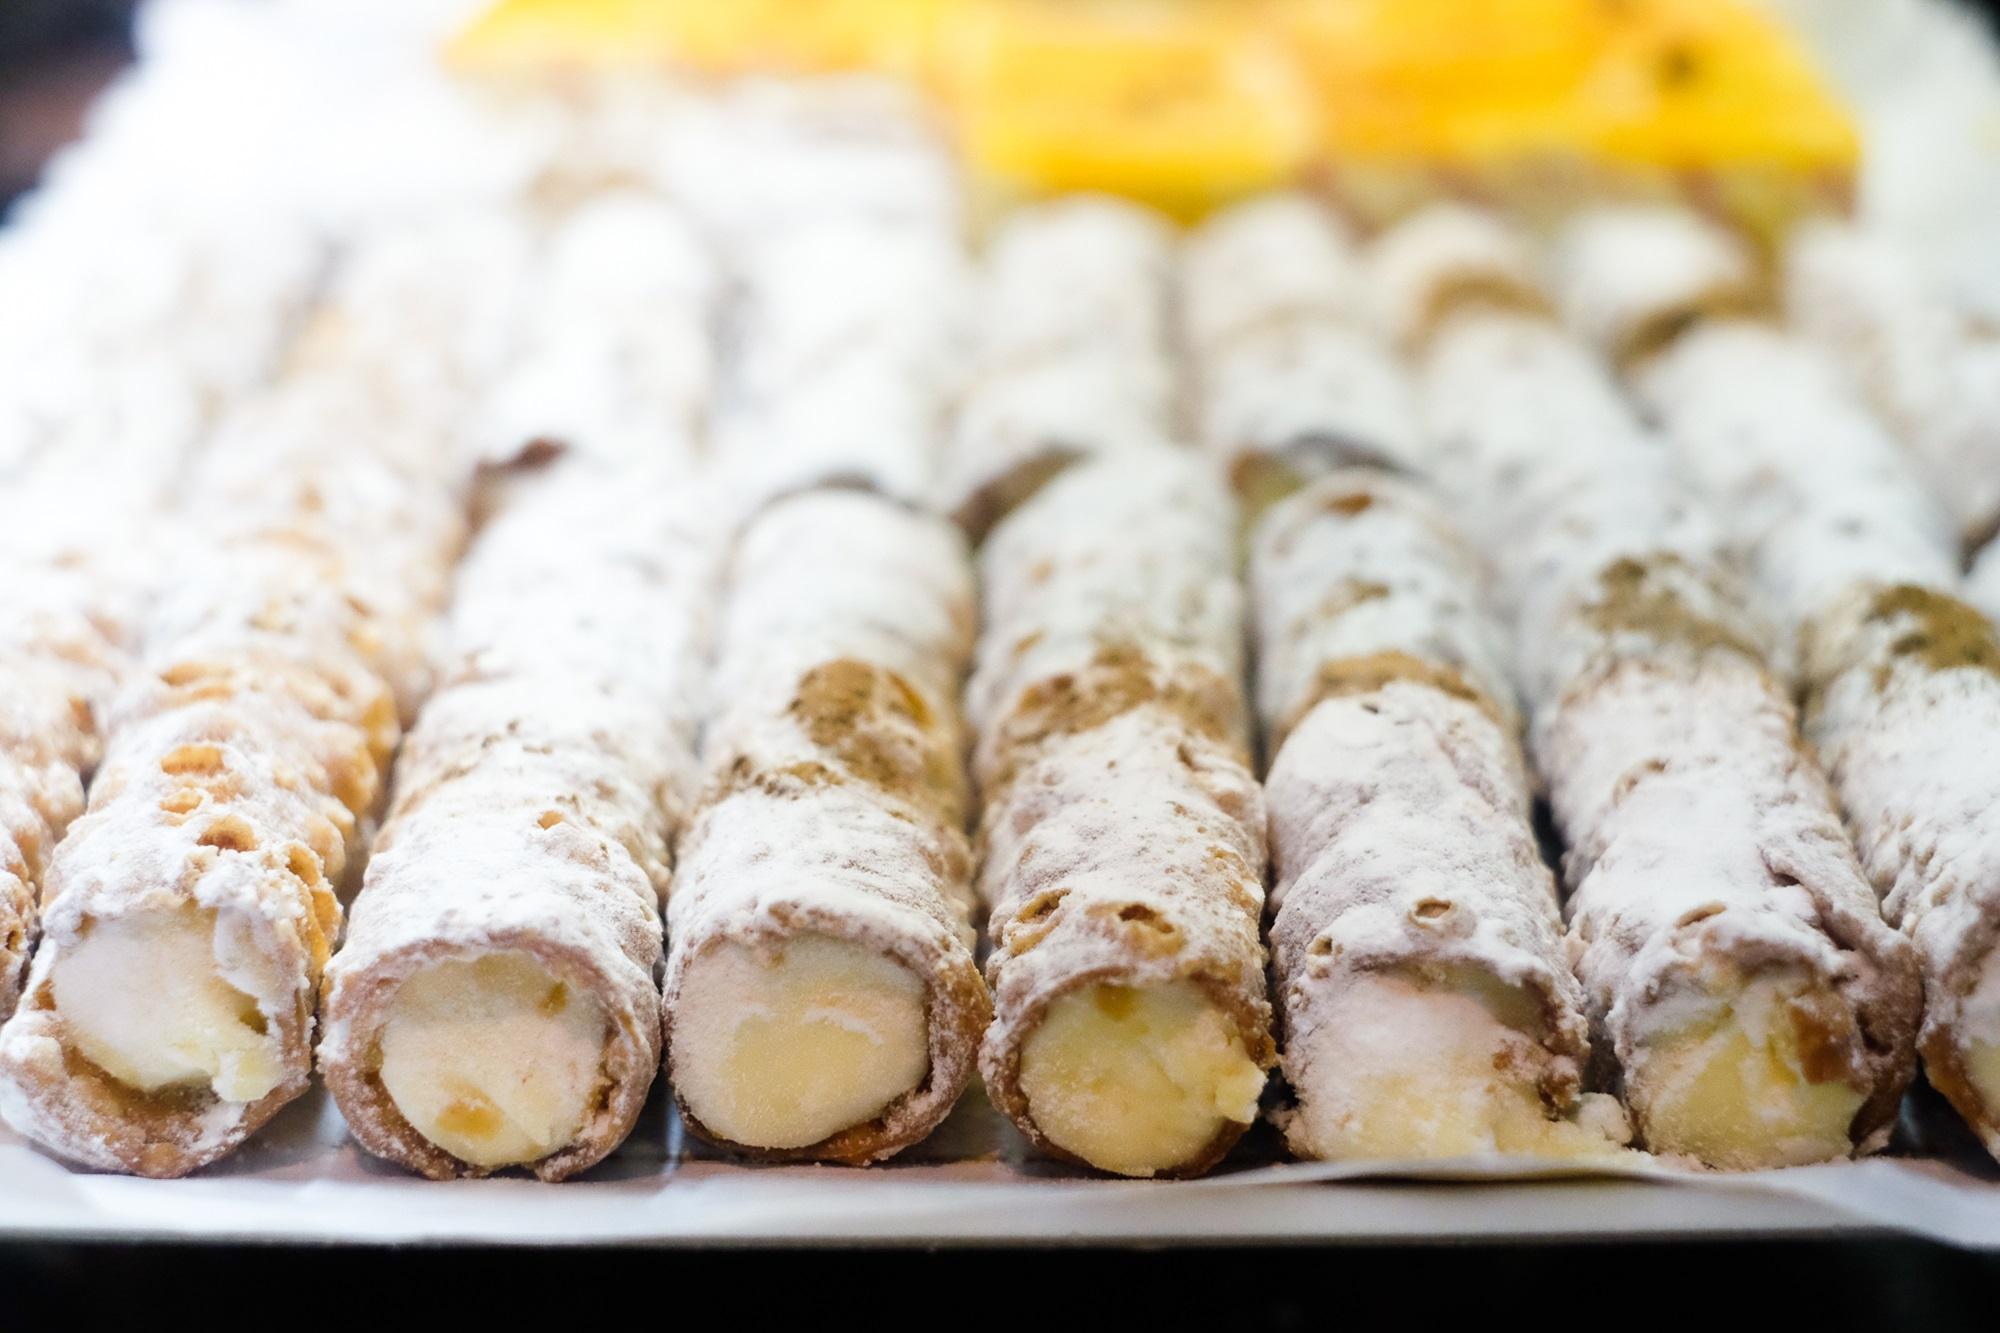 Las cañas zamoranas, un dulce típico de la zona elaborado con hojaldre, crema y azúcar.